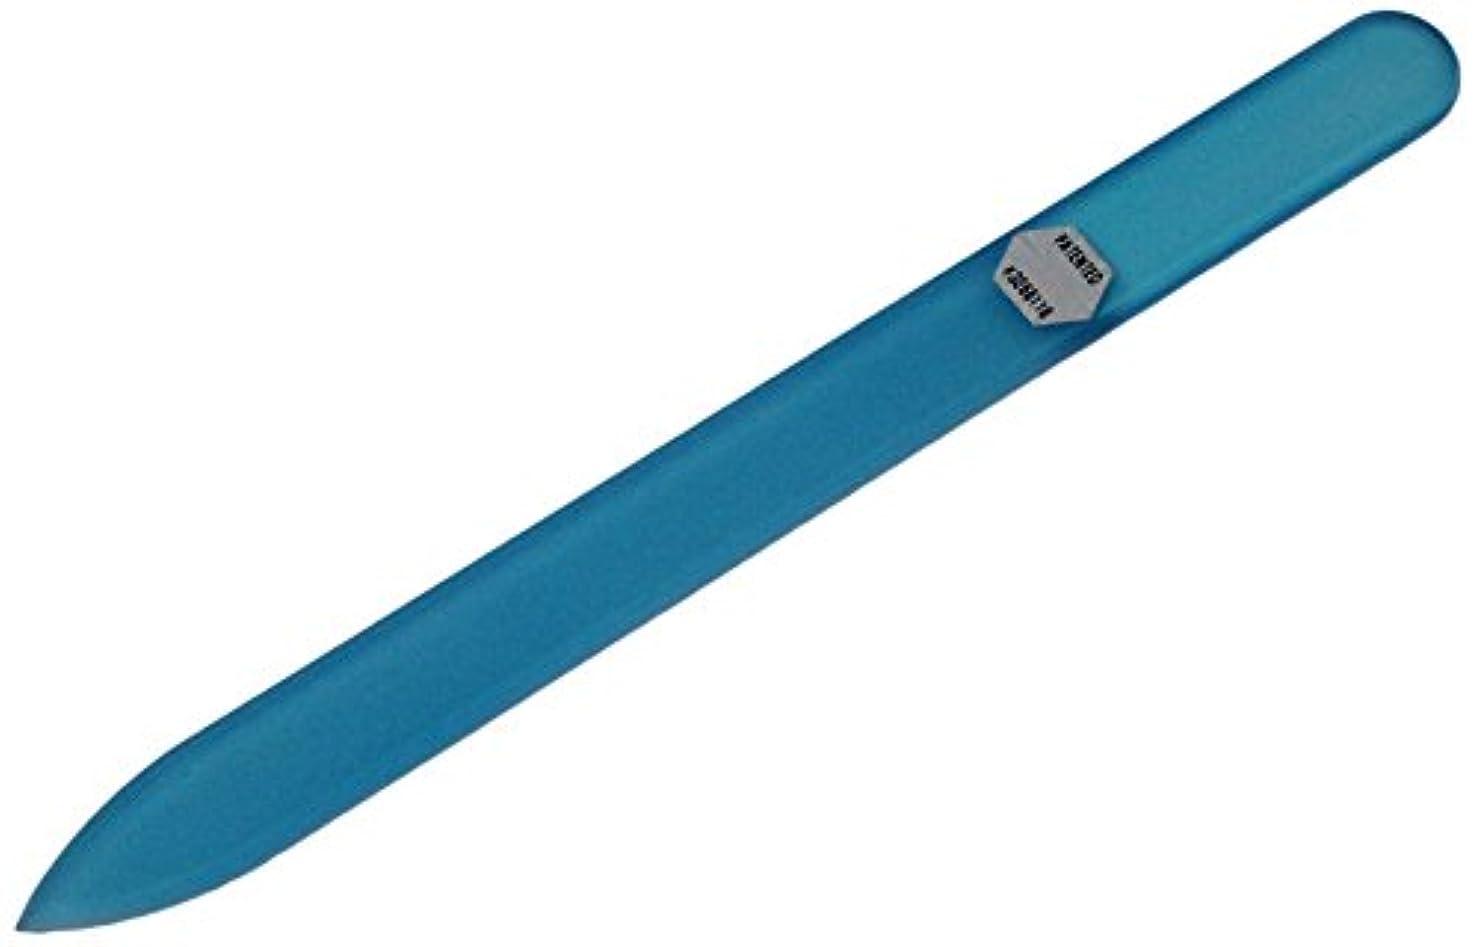 ボード賞賛見ましたブラジェク ガラス爪やすり 140mm 片面タイプ オールカラー ブルー B-03